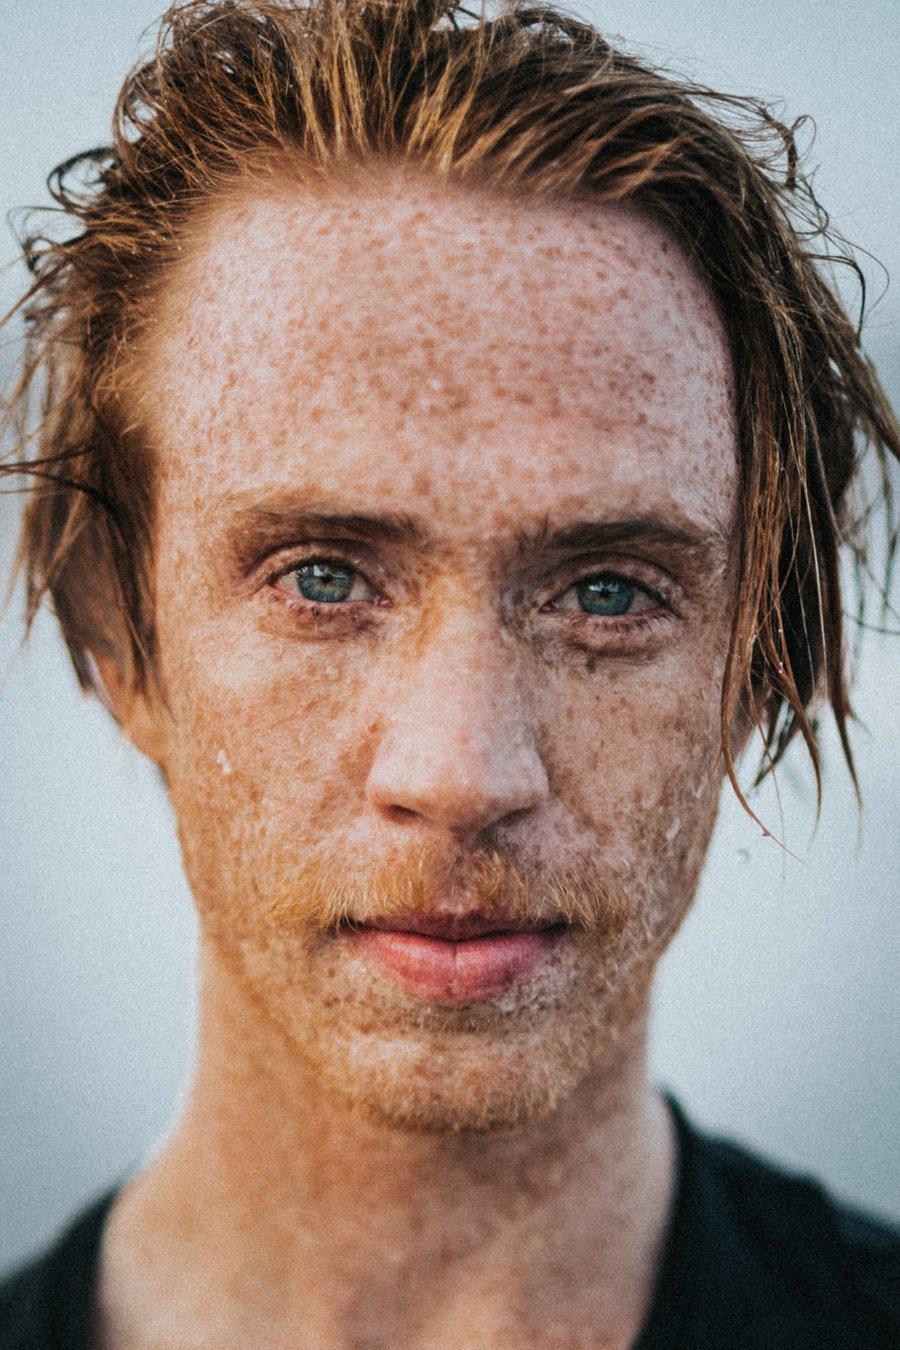 Bekend Welk kapsel past bij mijn gezicht? • Trendheads - have a great #UU03